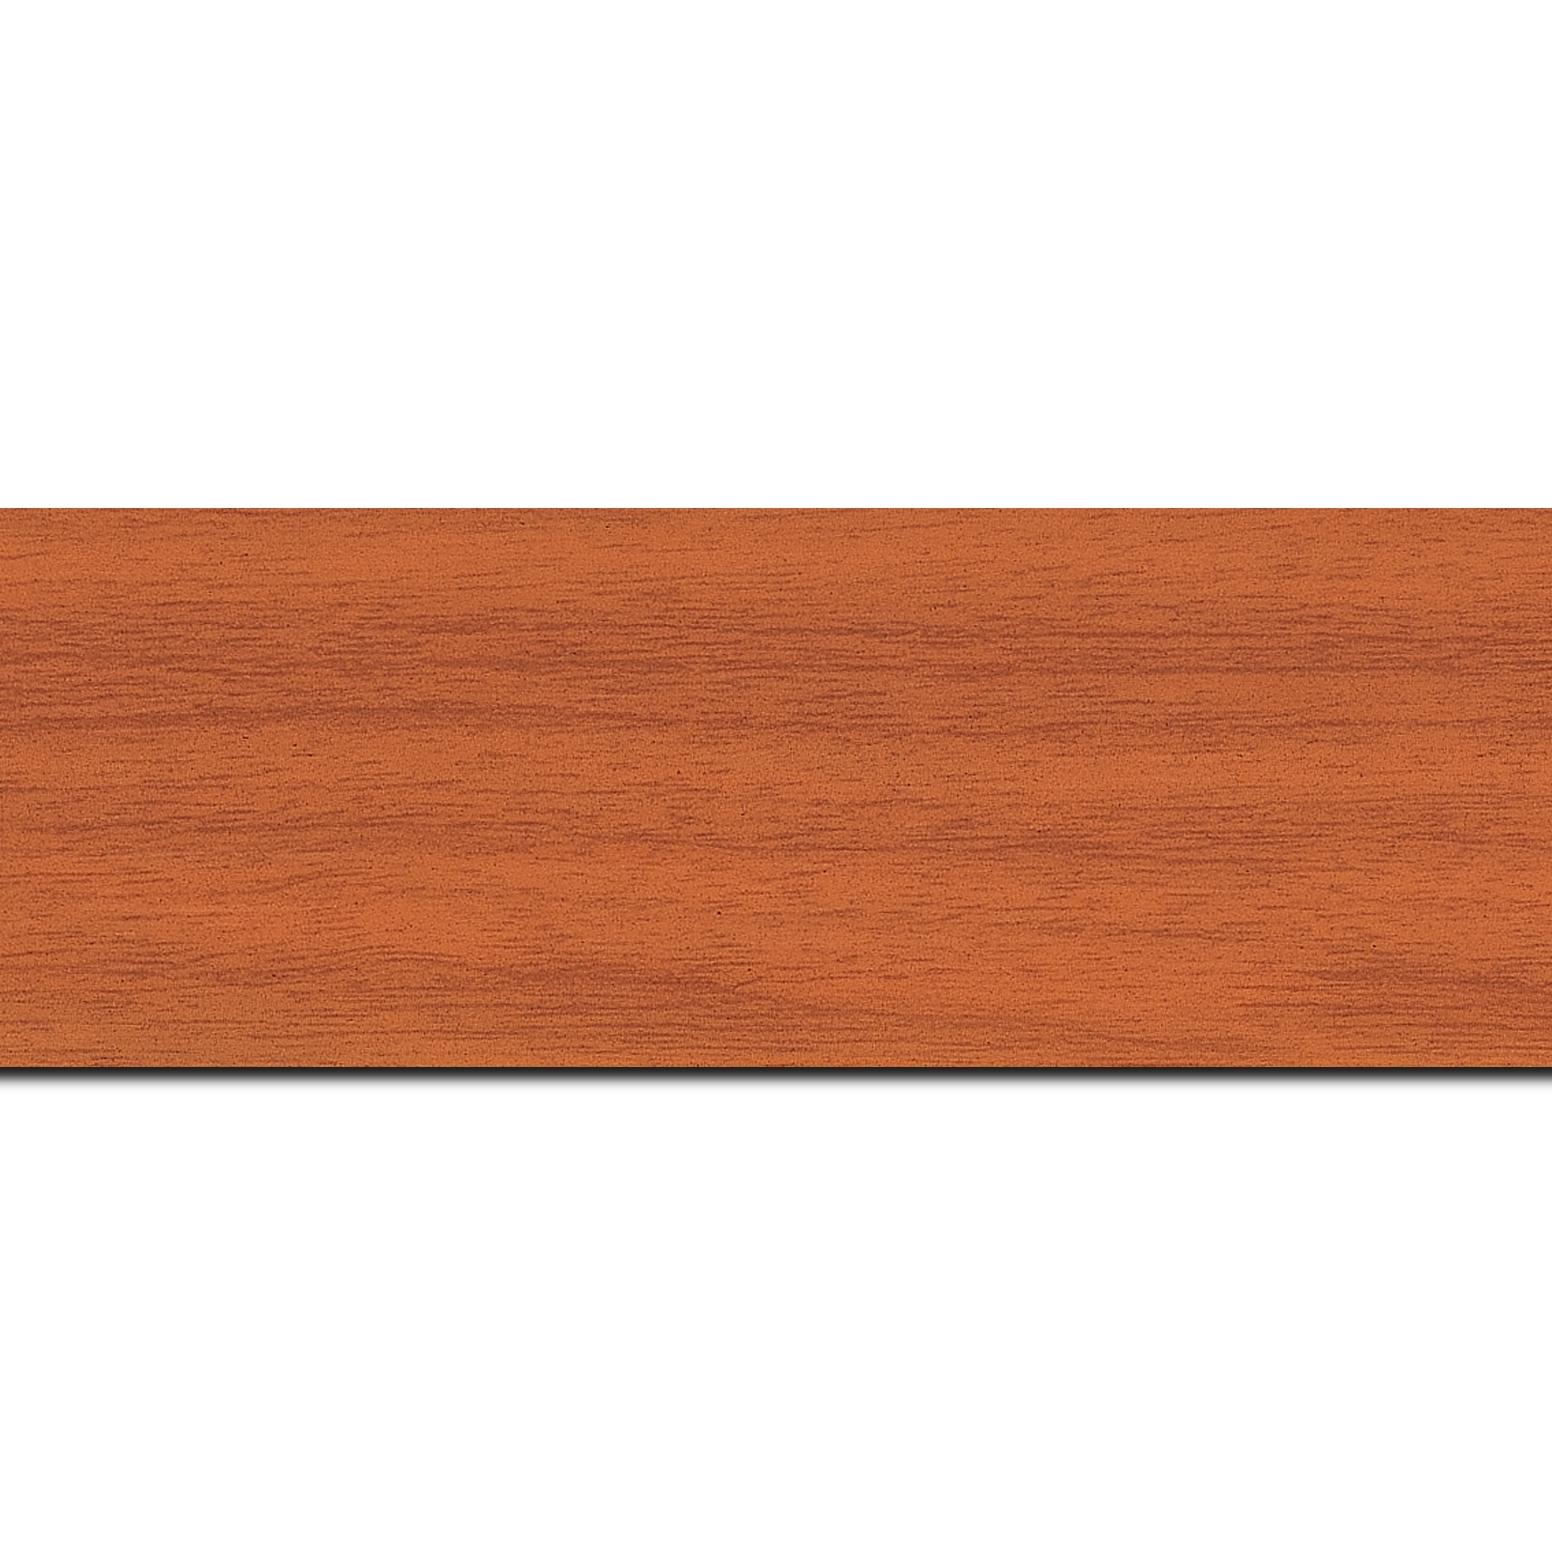 Pack par 12m, bois profil plat largeur 6cm orange satiné effet veiné ,chant extérieur du cadre de couleur noire(longueur baguette pouvant varier entre 2.40m et 3m selon arrivage des bois)